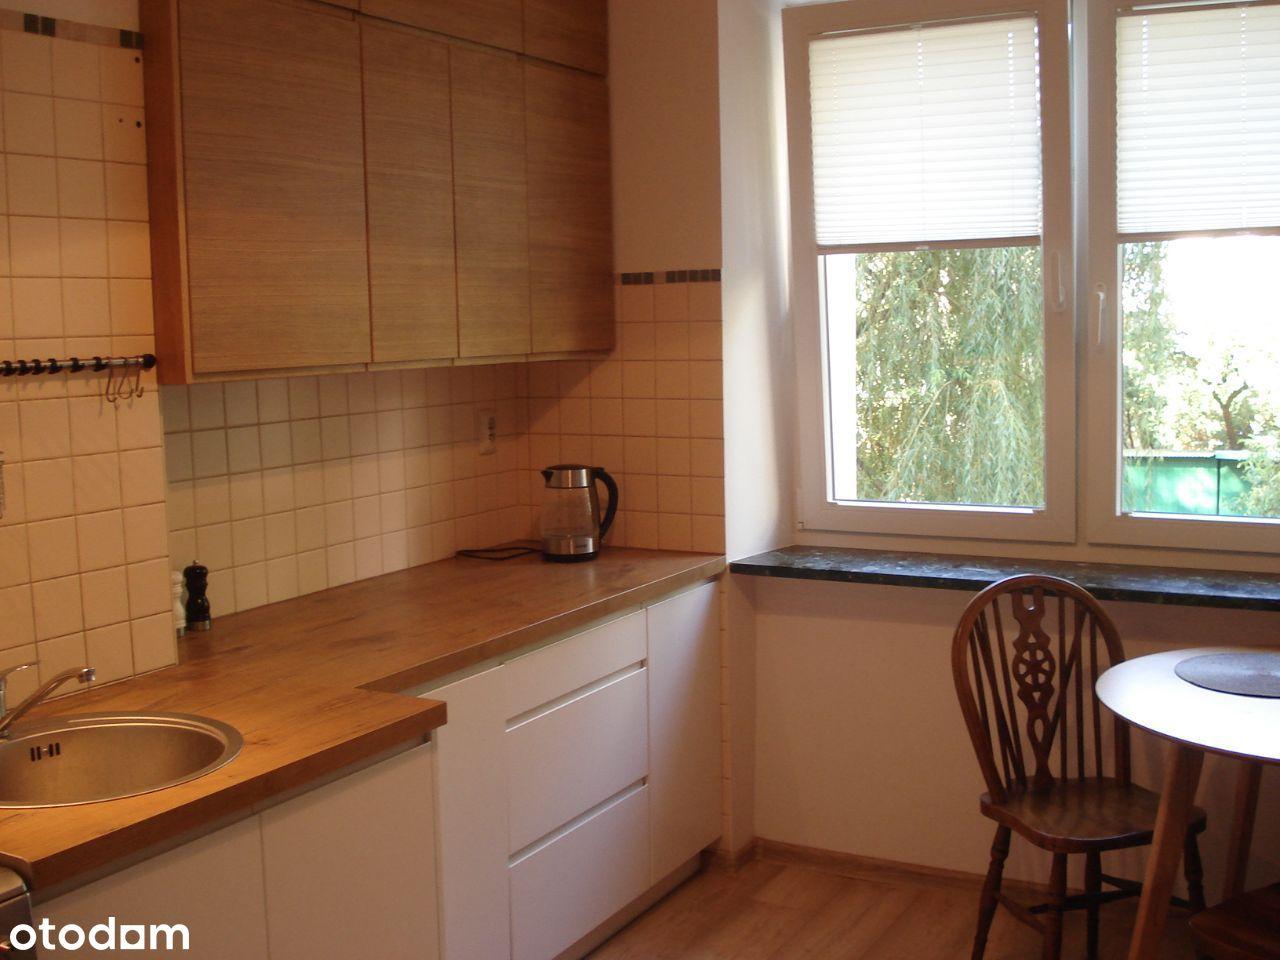 Bronowice - 2 pokoje, osobna kuchnia, garderoba